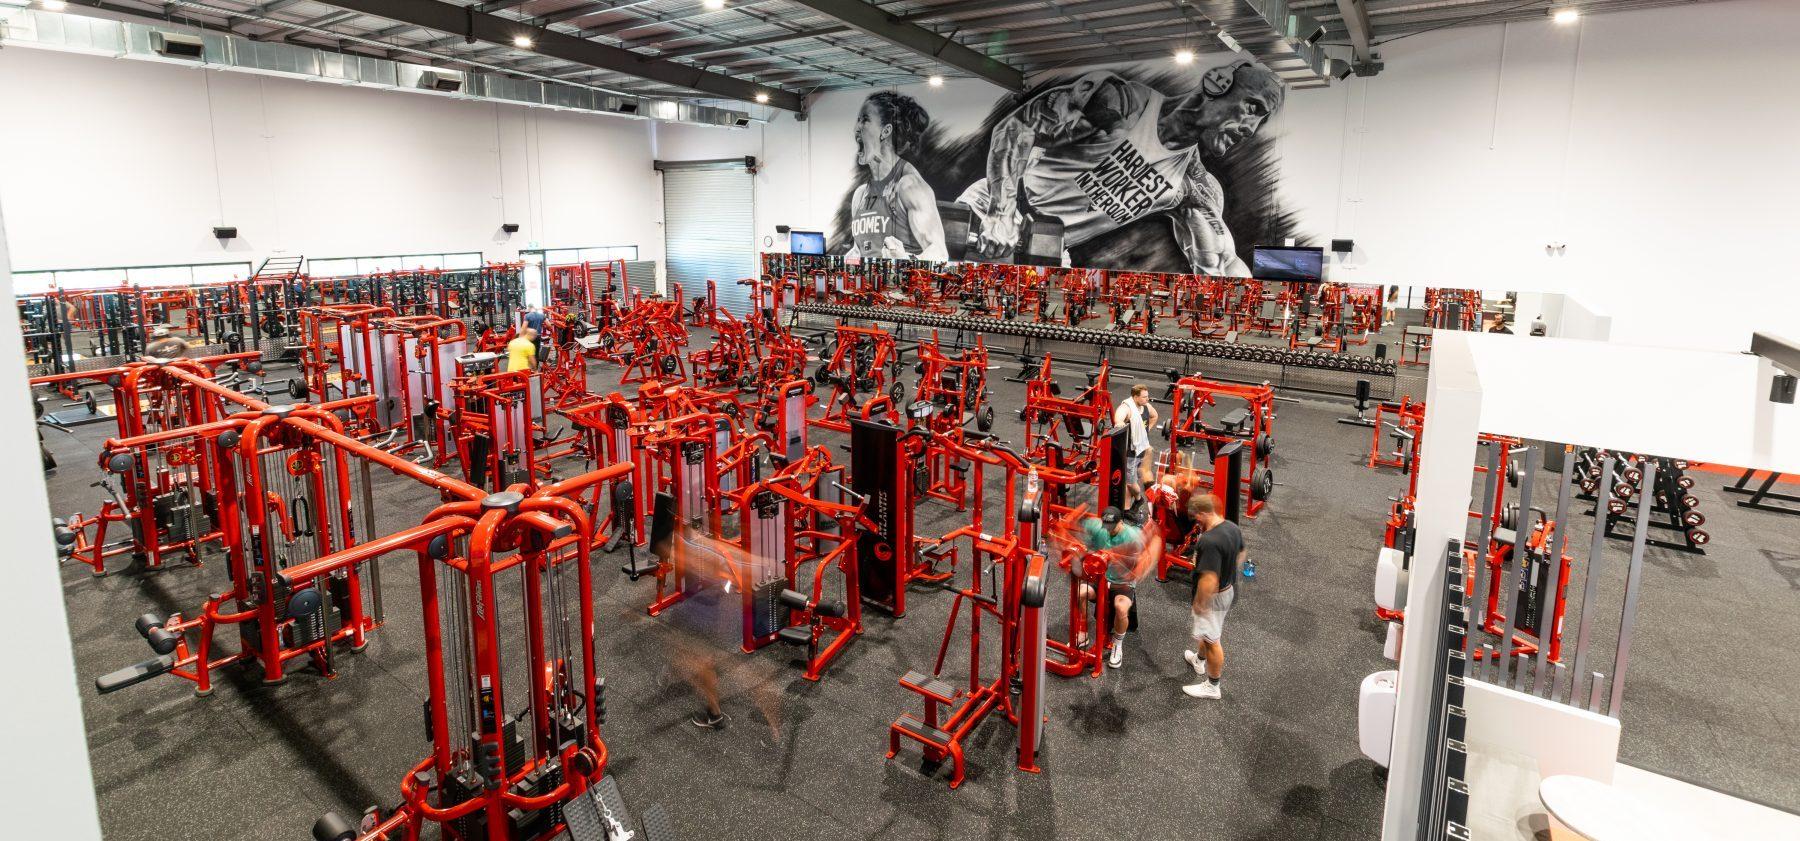 World gym Aerial Interior Weights